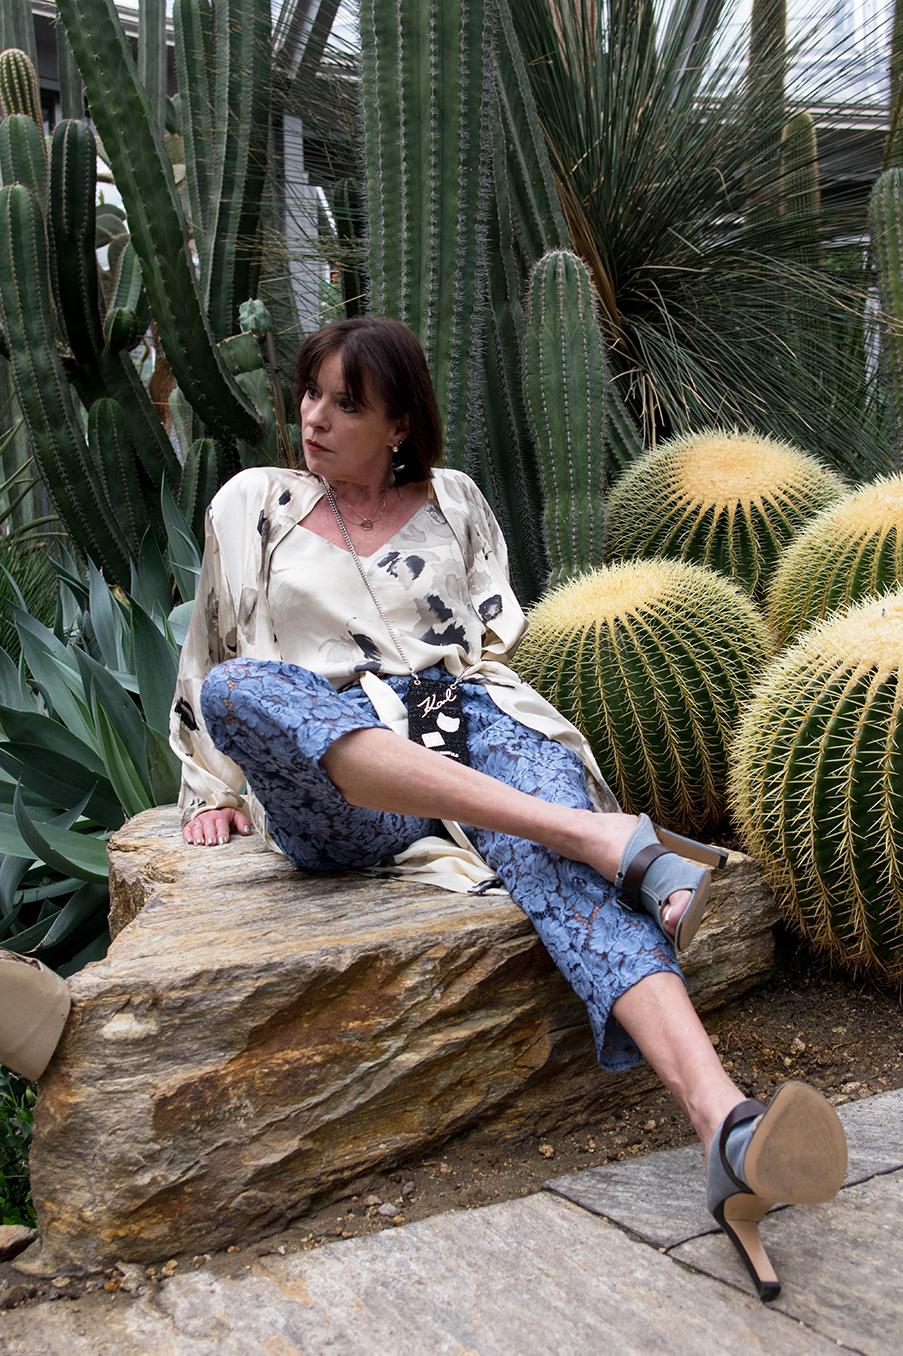 Just-take-a-look Berlin -Outfit - Marcel Ostertag - Botanischer Garten-22.1